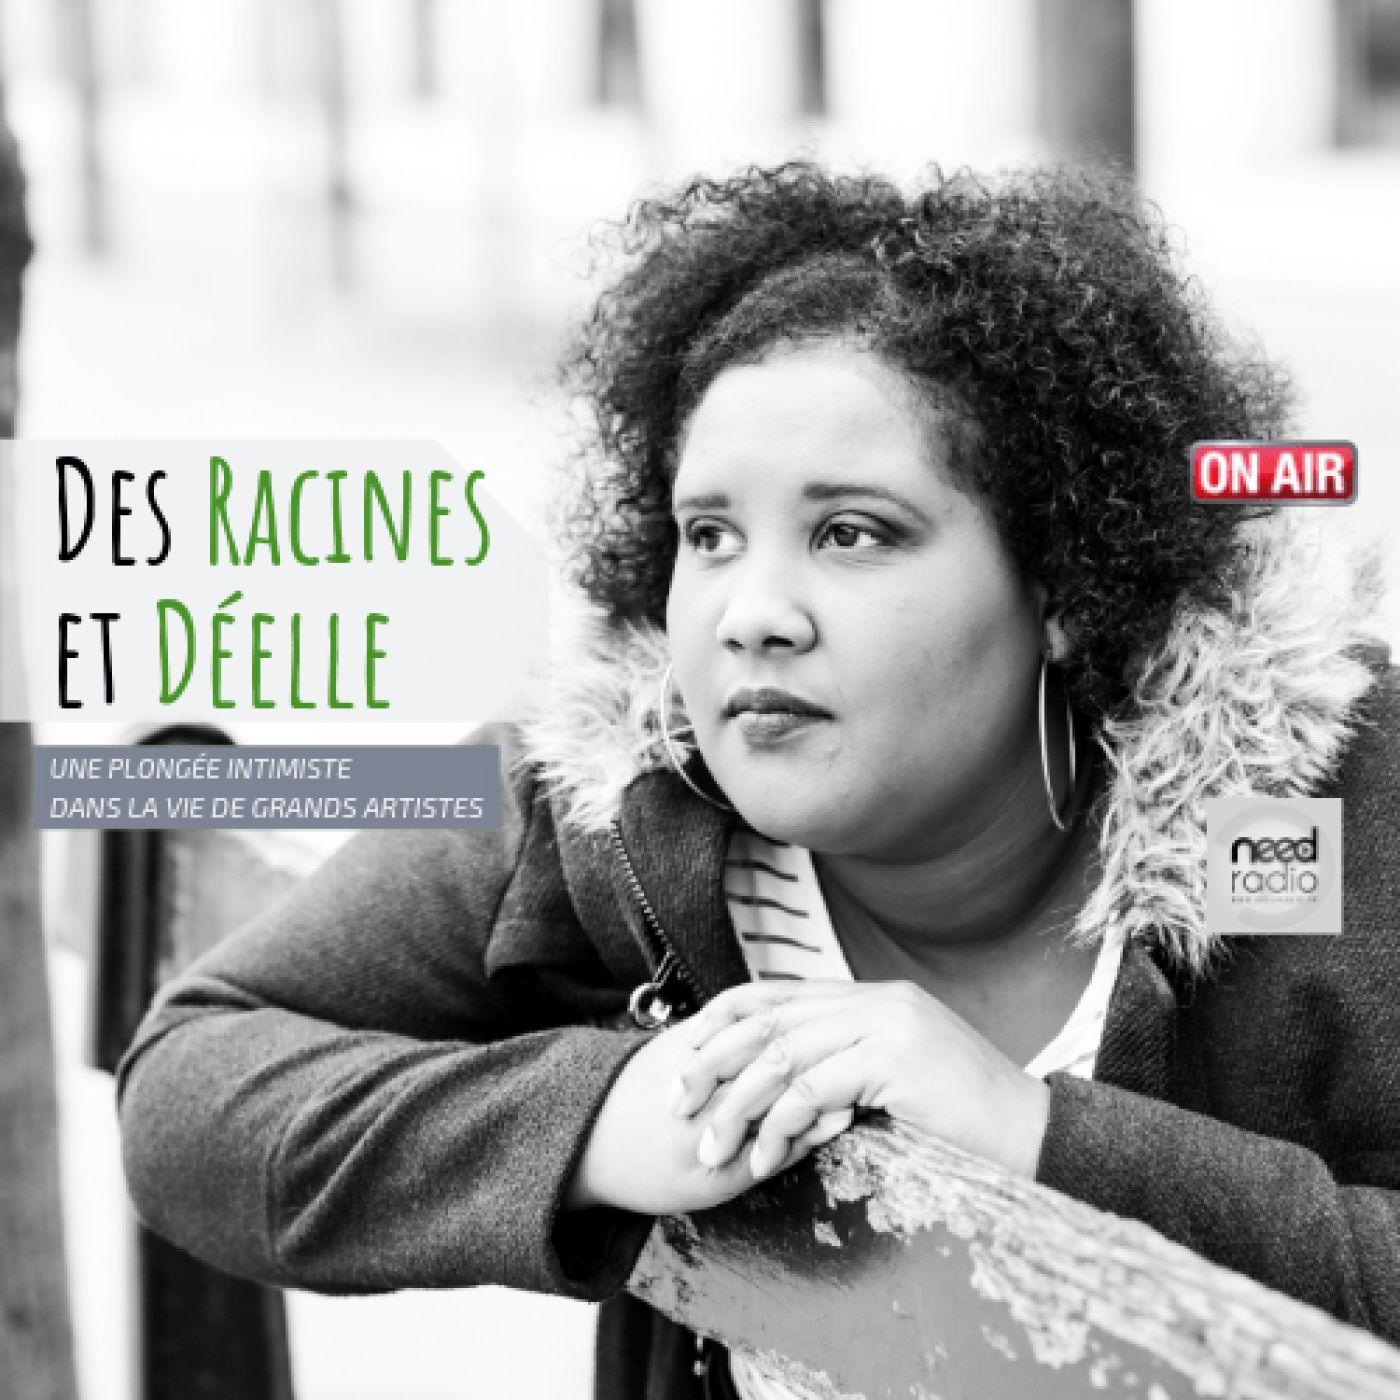 Des Racines et Déelle - Robbin Williams, l'histoire d'un clown triste (13/05/19)